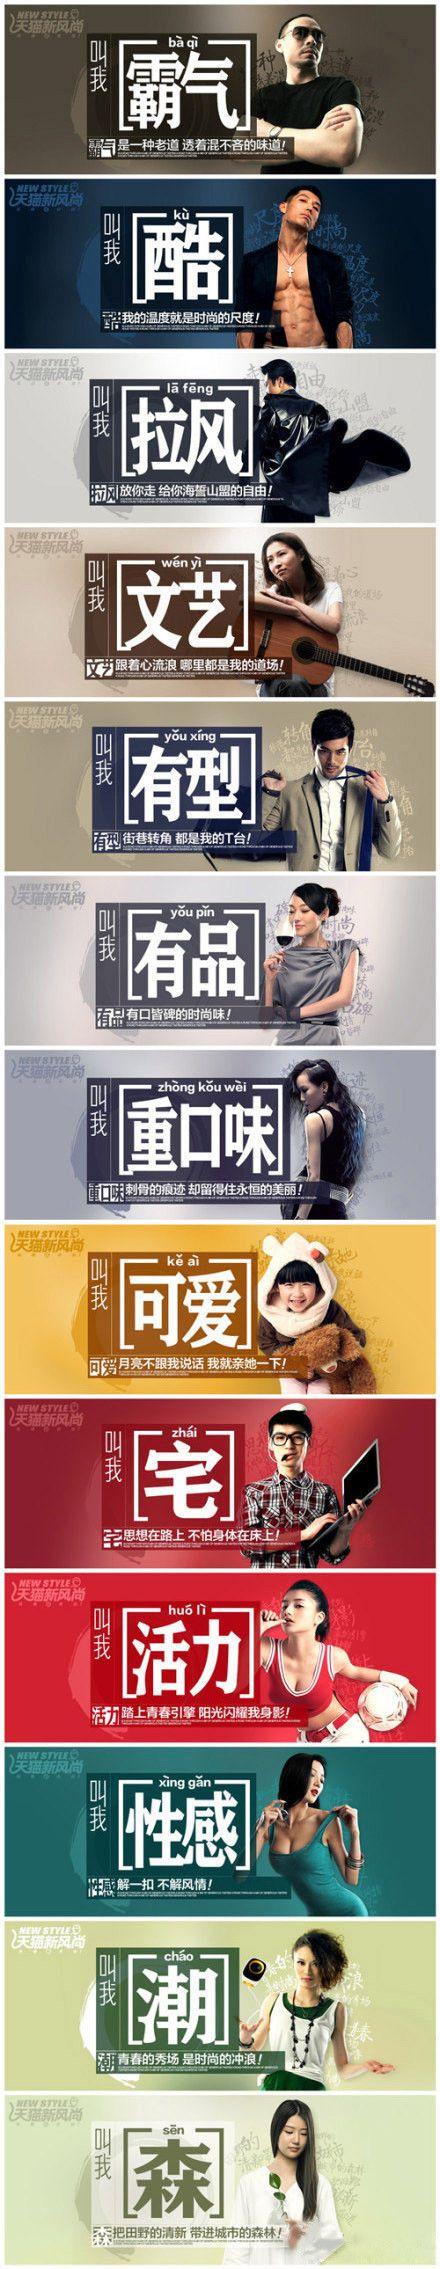 天猫的创意广告,标签形式的海报!转自@双换... 来自海报赏 - 微博